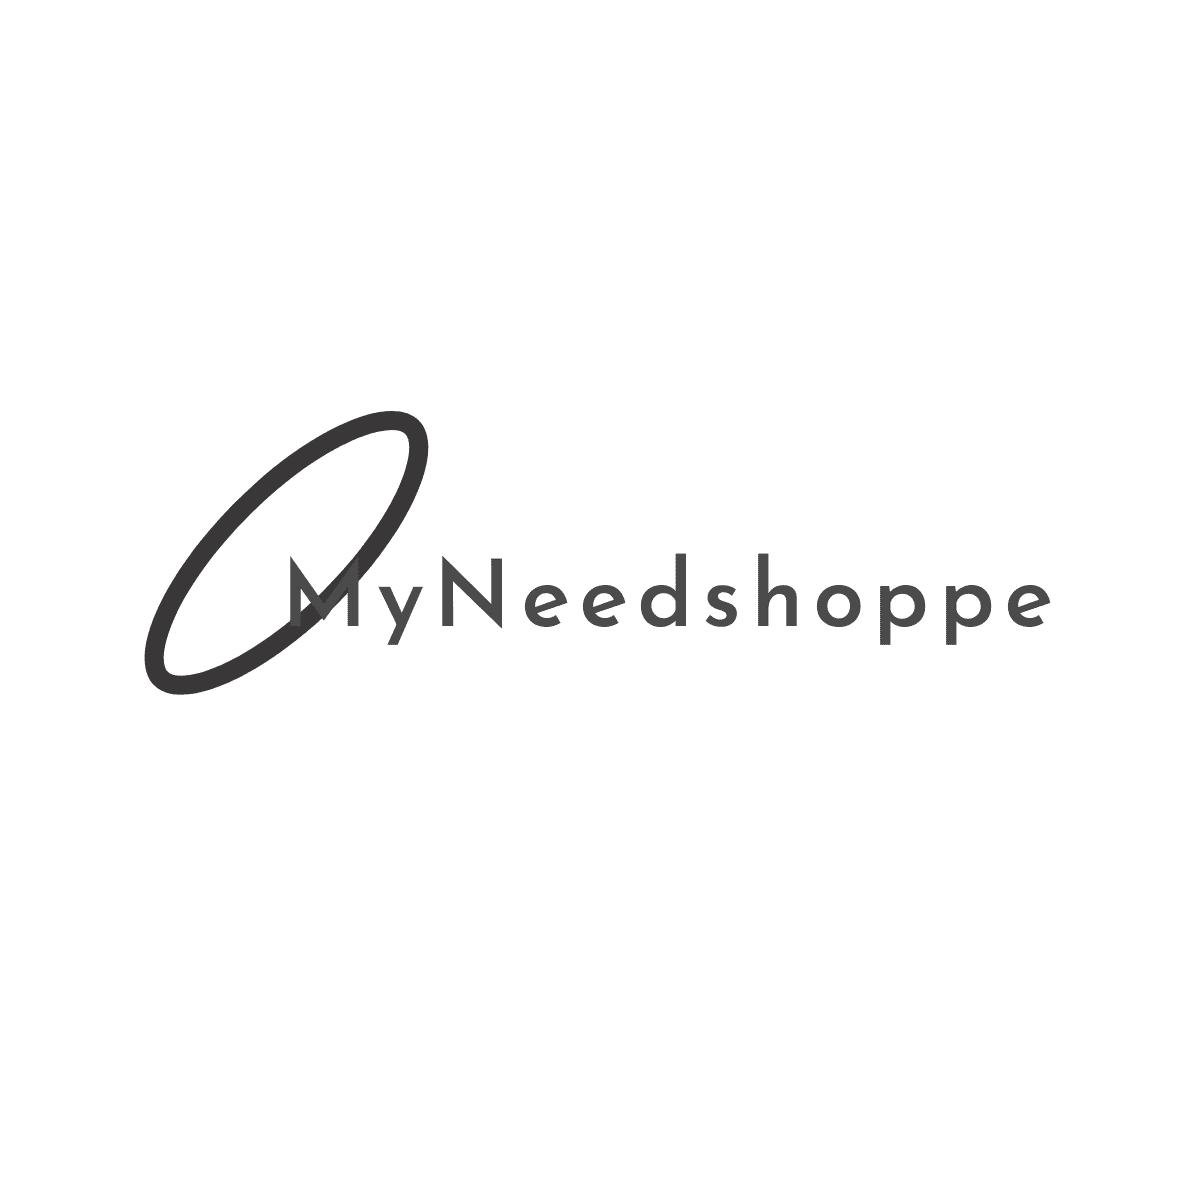 MyNeedshoppe